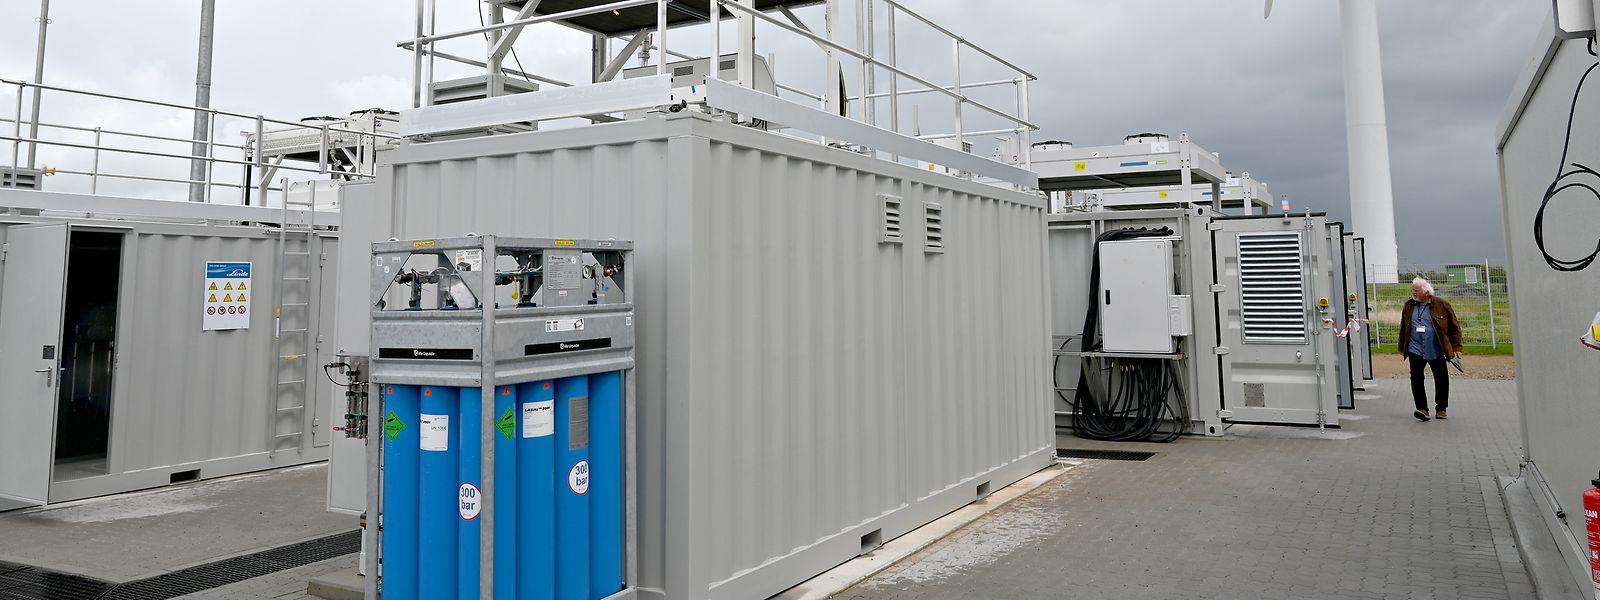 Schleswig-Holstein, Bosbüll: Blick auf eine neue Wasserstoff-Produktionsanlage des größten deutschen Wasserstoffmobilitätsprojekts eFarm.